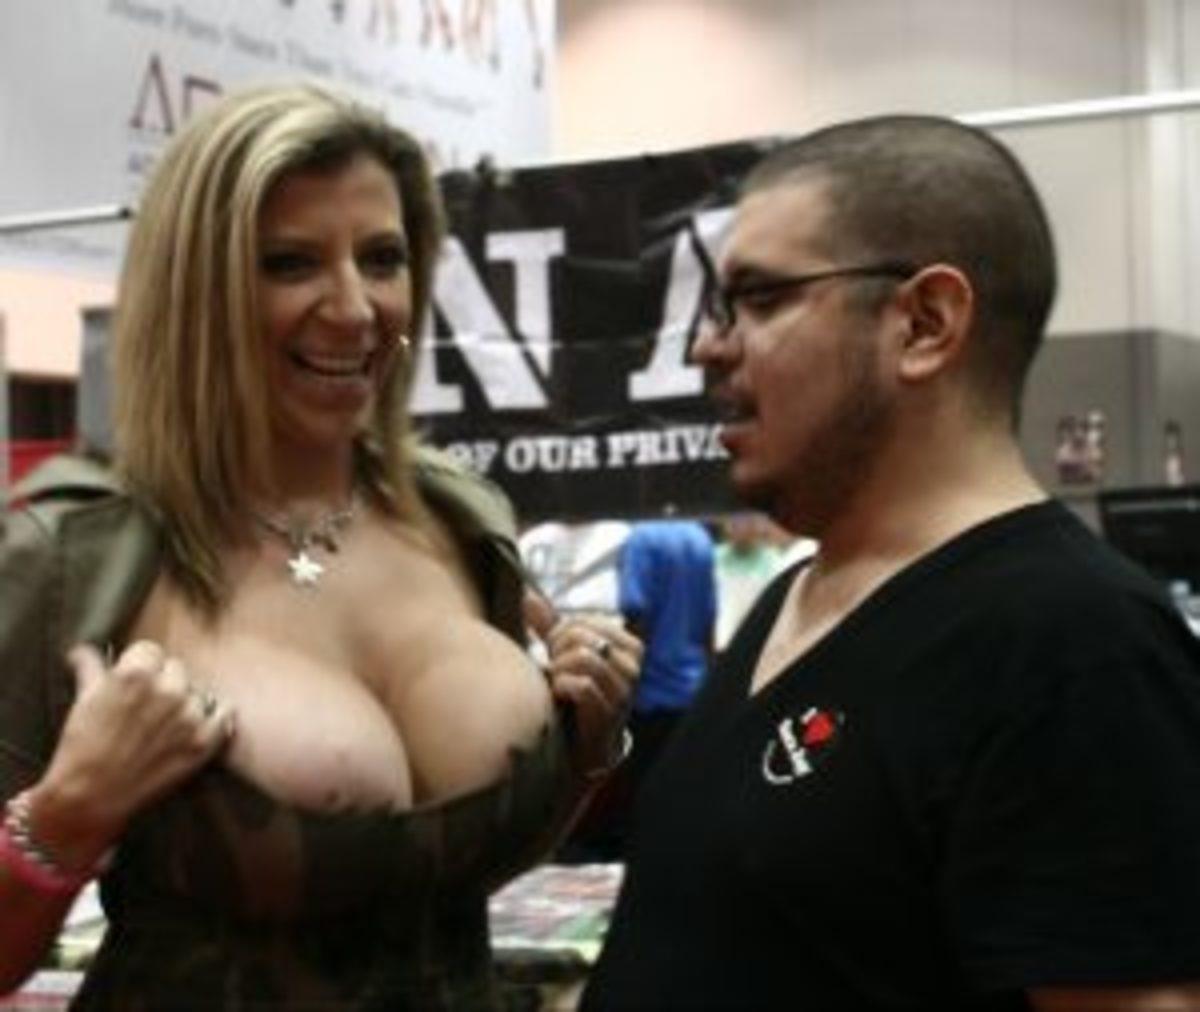 Meeting Sara Jay at AdultCon.